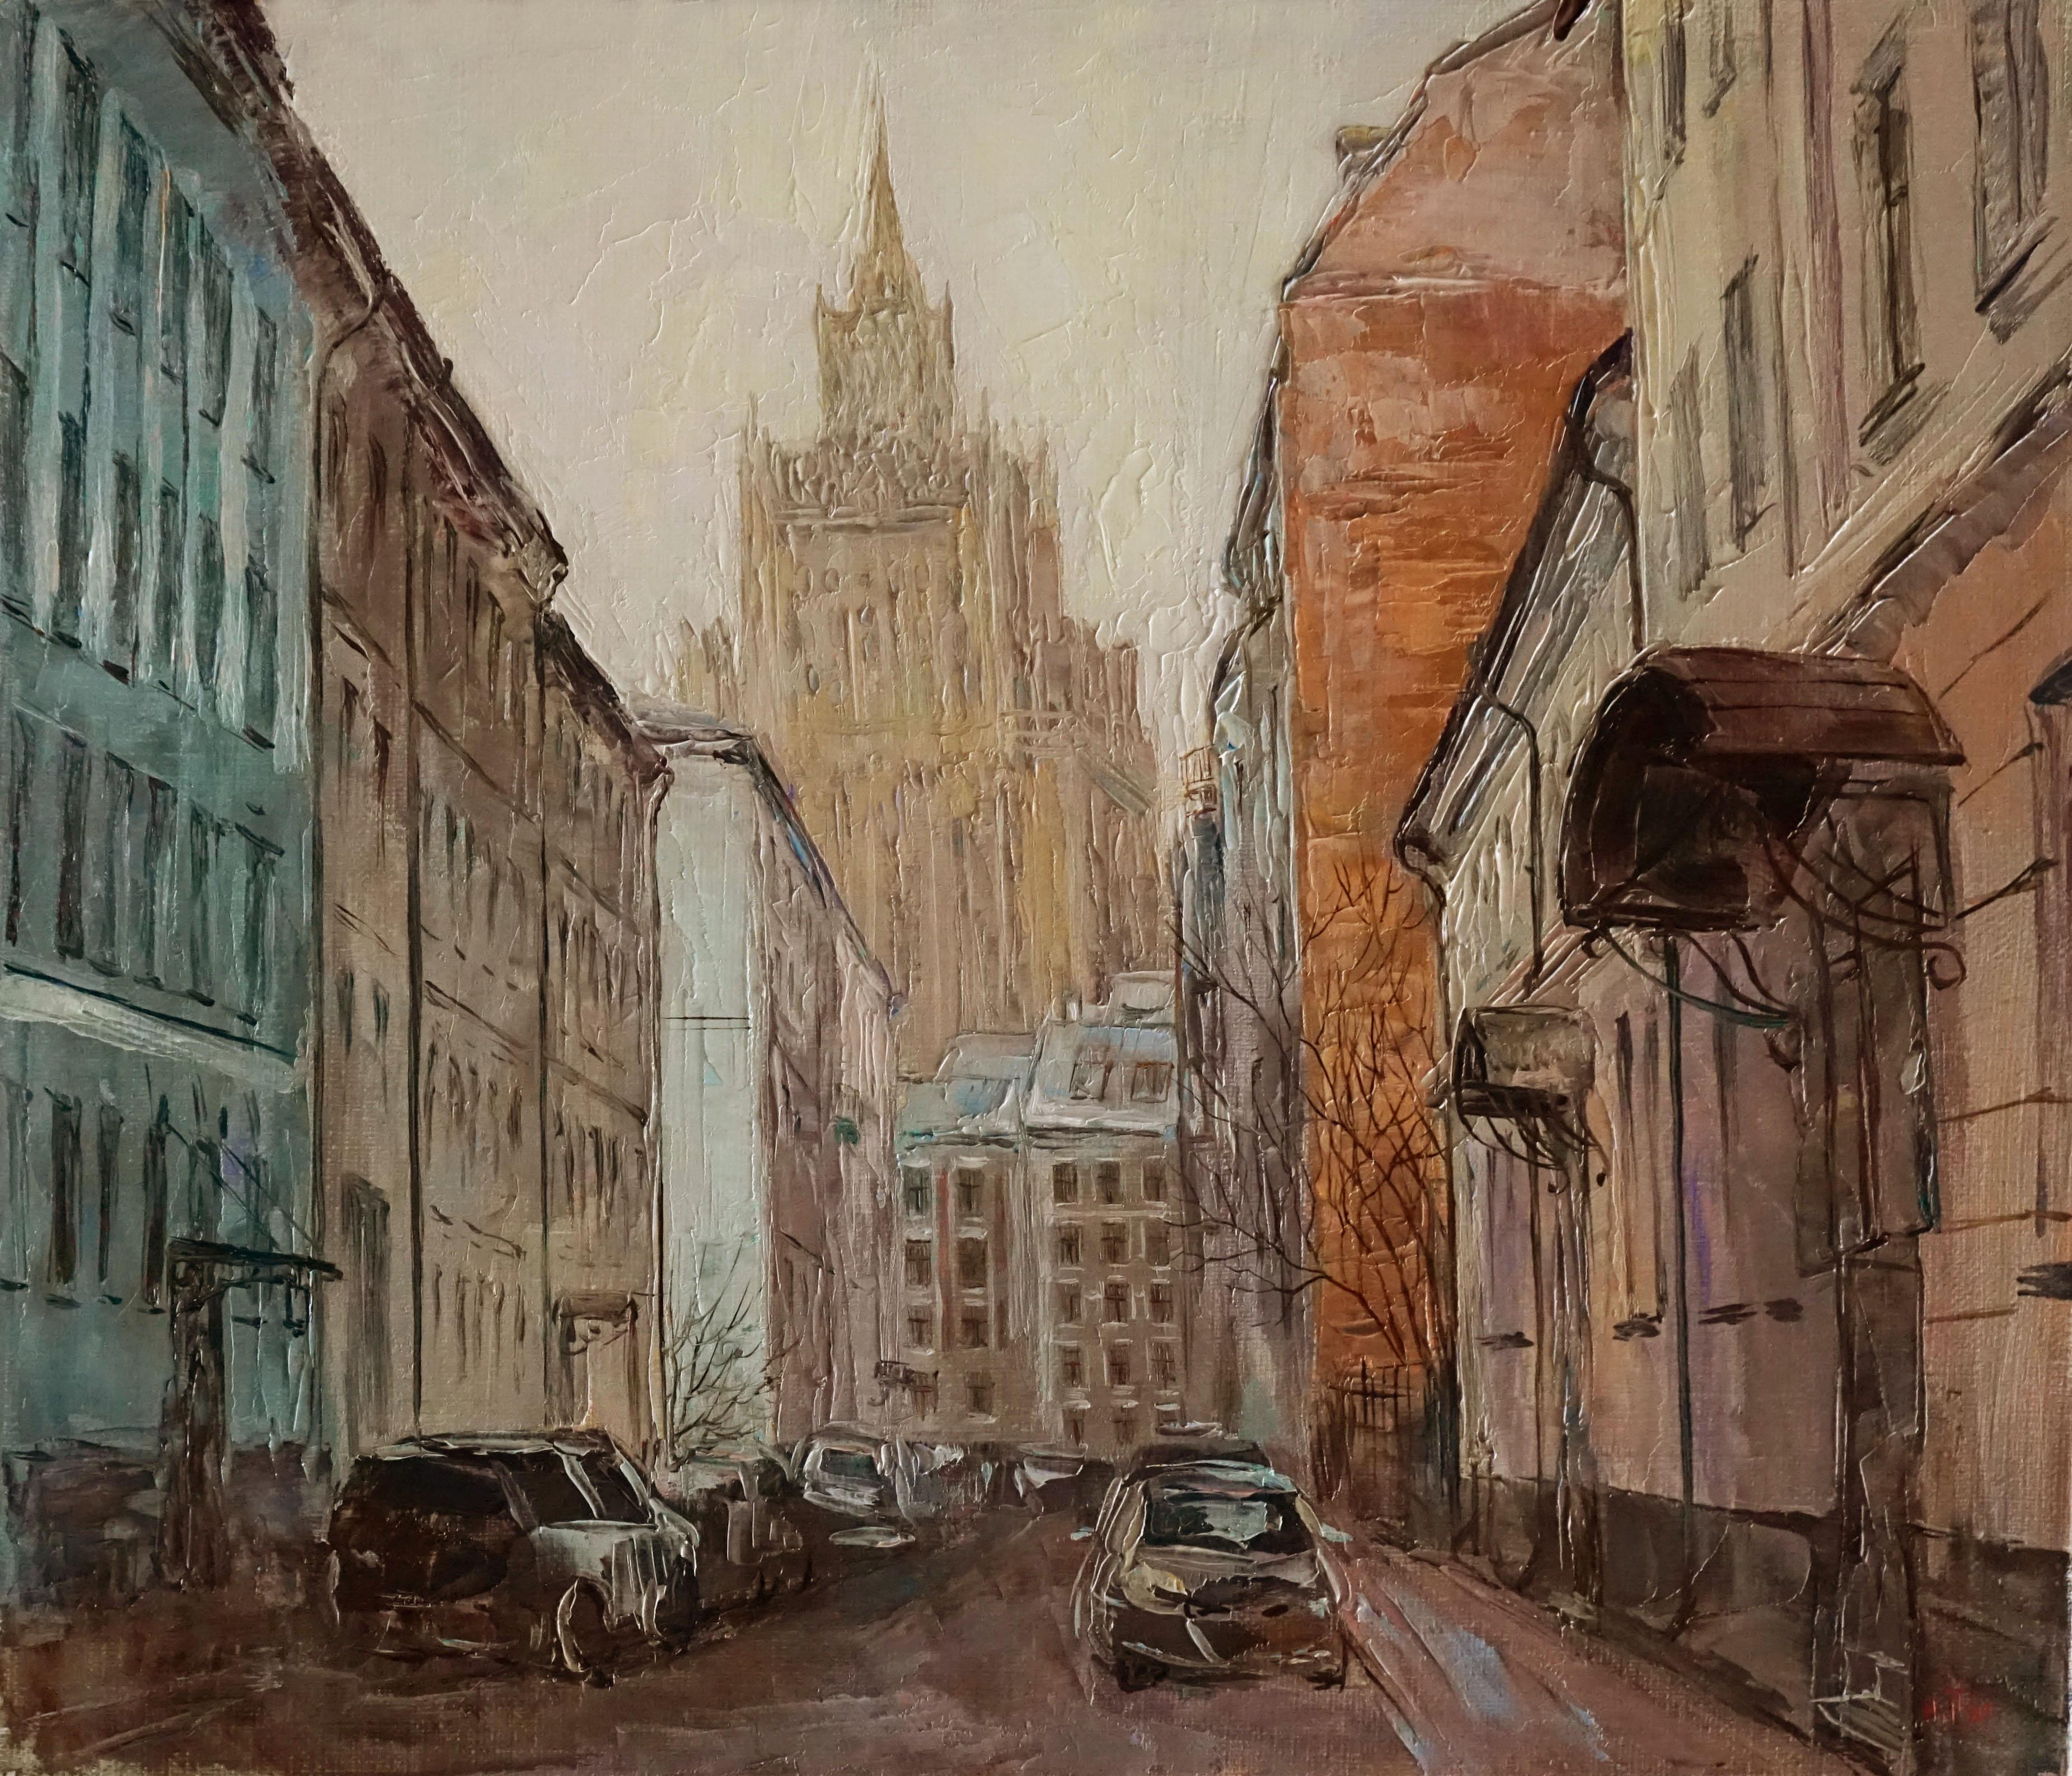 Нина Панюкова Кривоарбатский переулок 30х35 х м